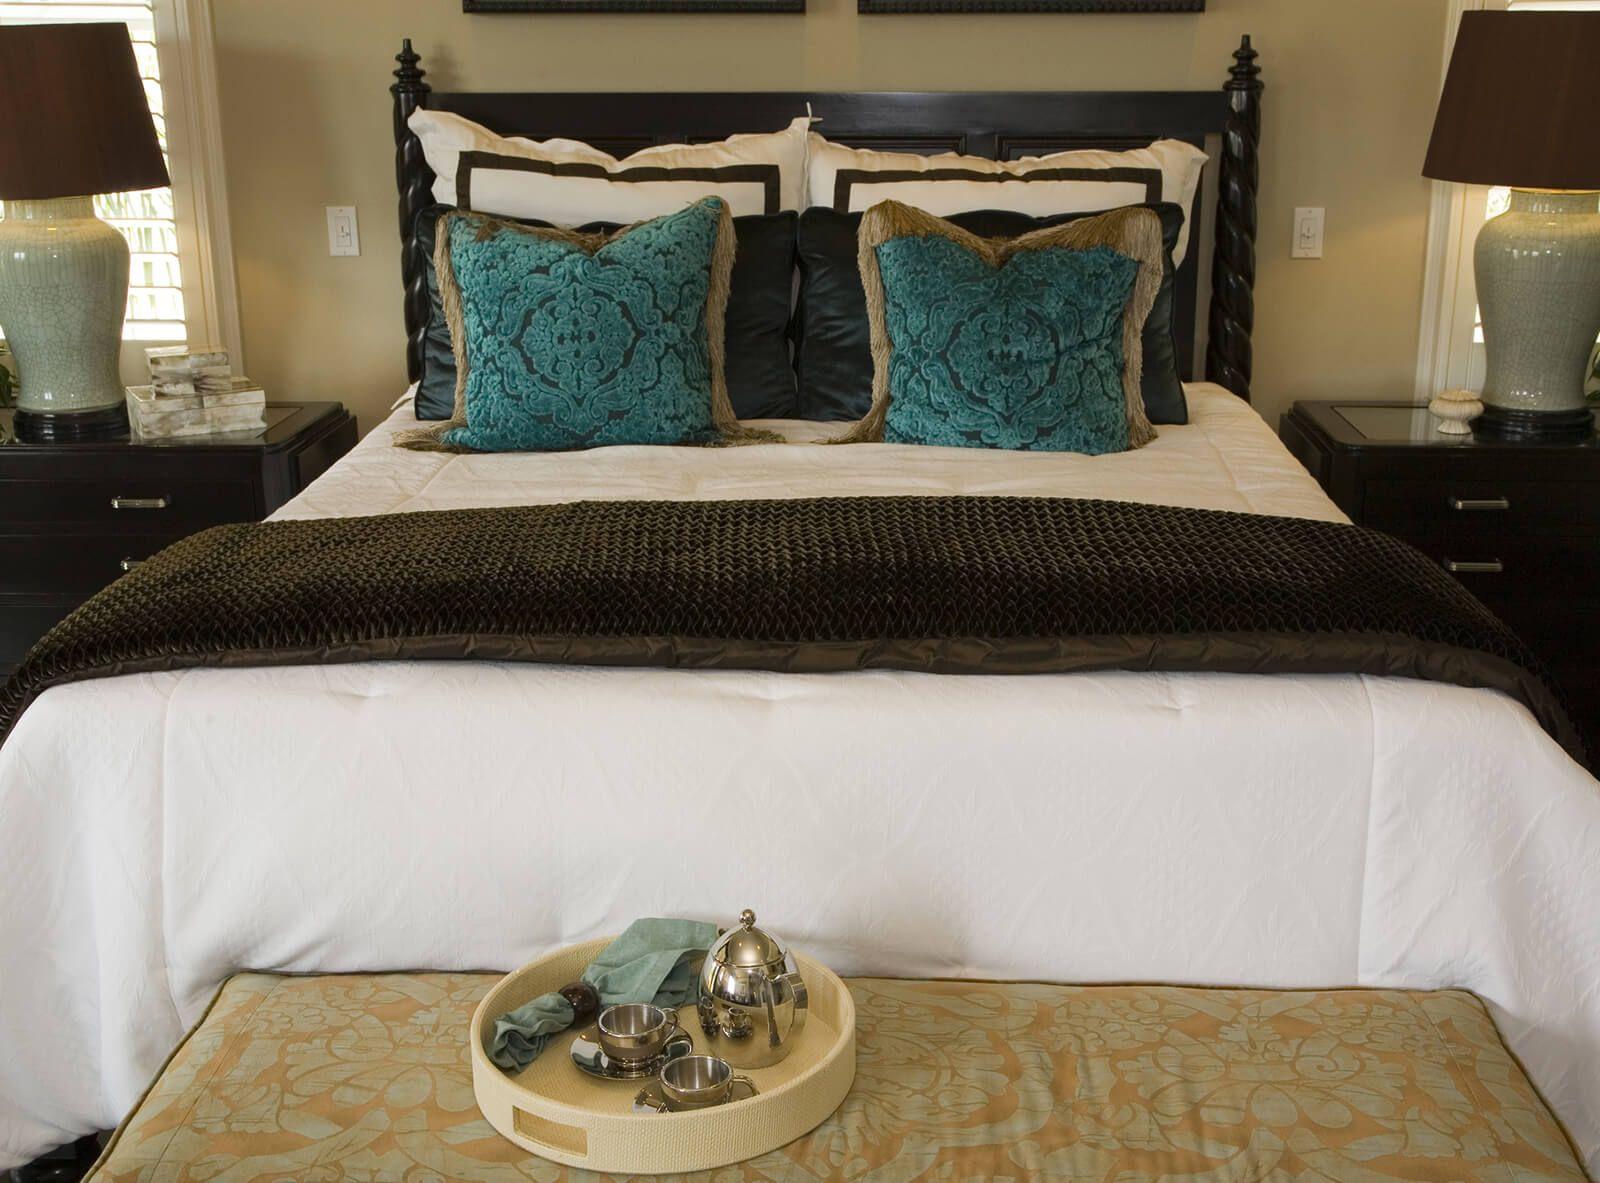 Bedroom Harmony In Interior Design En 2020 Decoration Maison Decor Diy